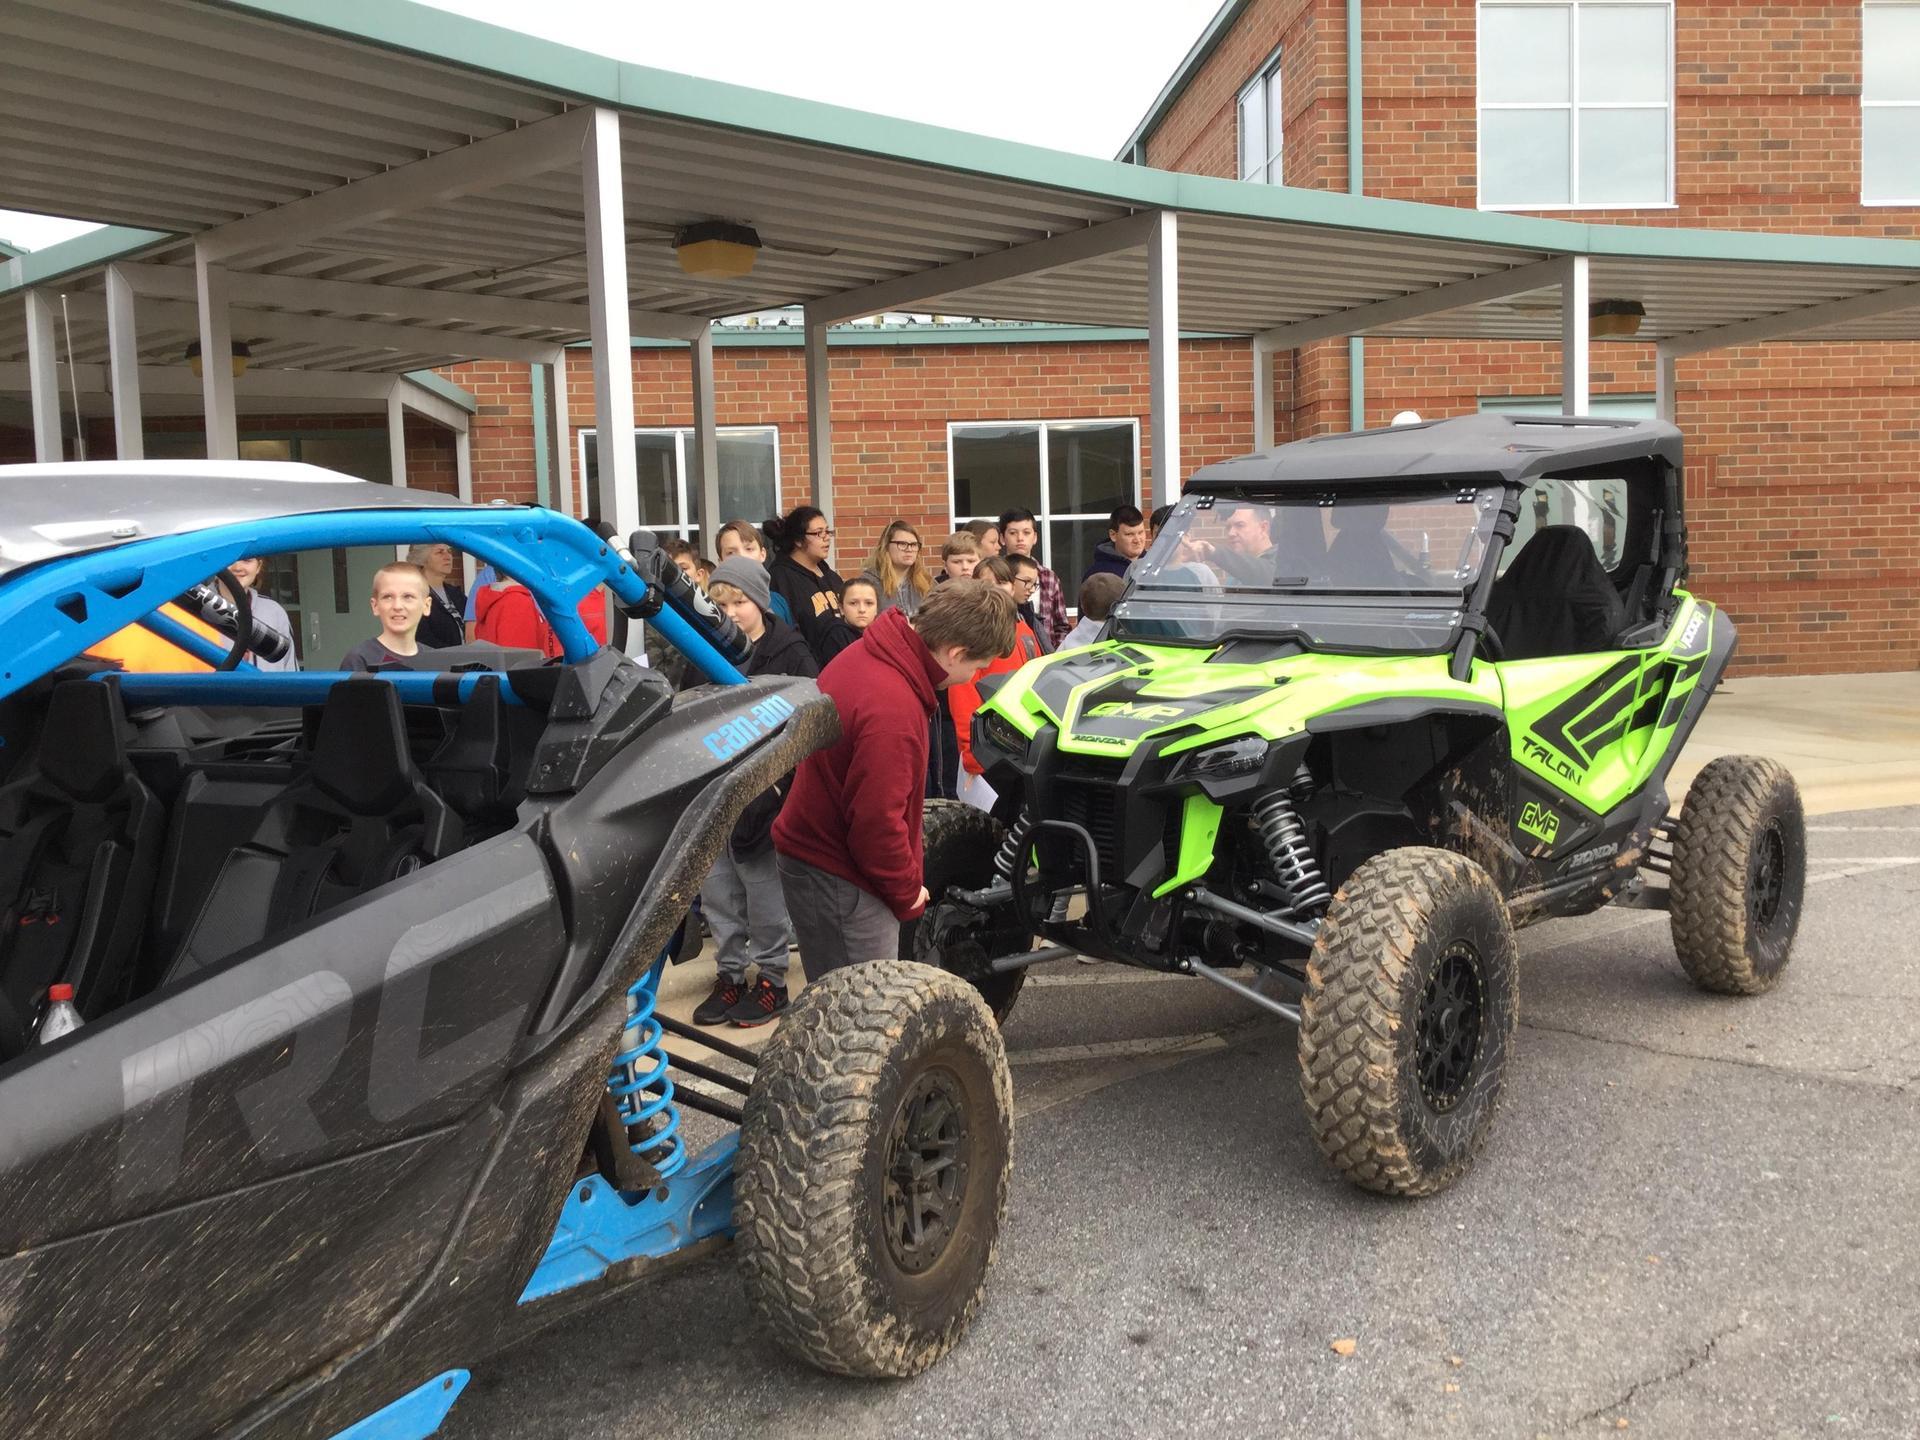 Greene's vehicles